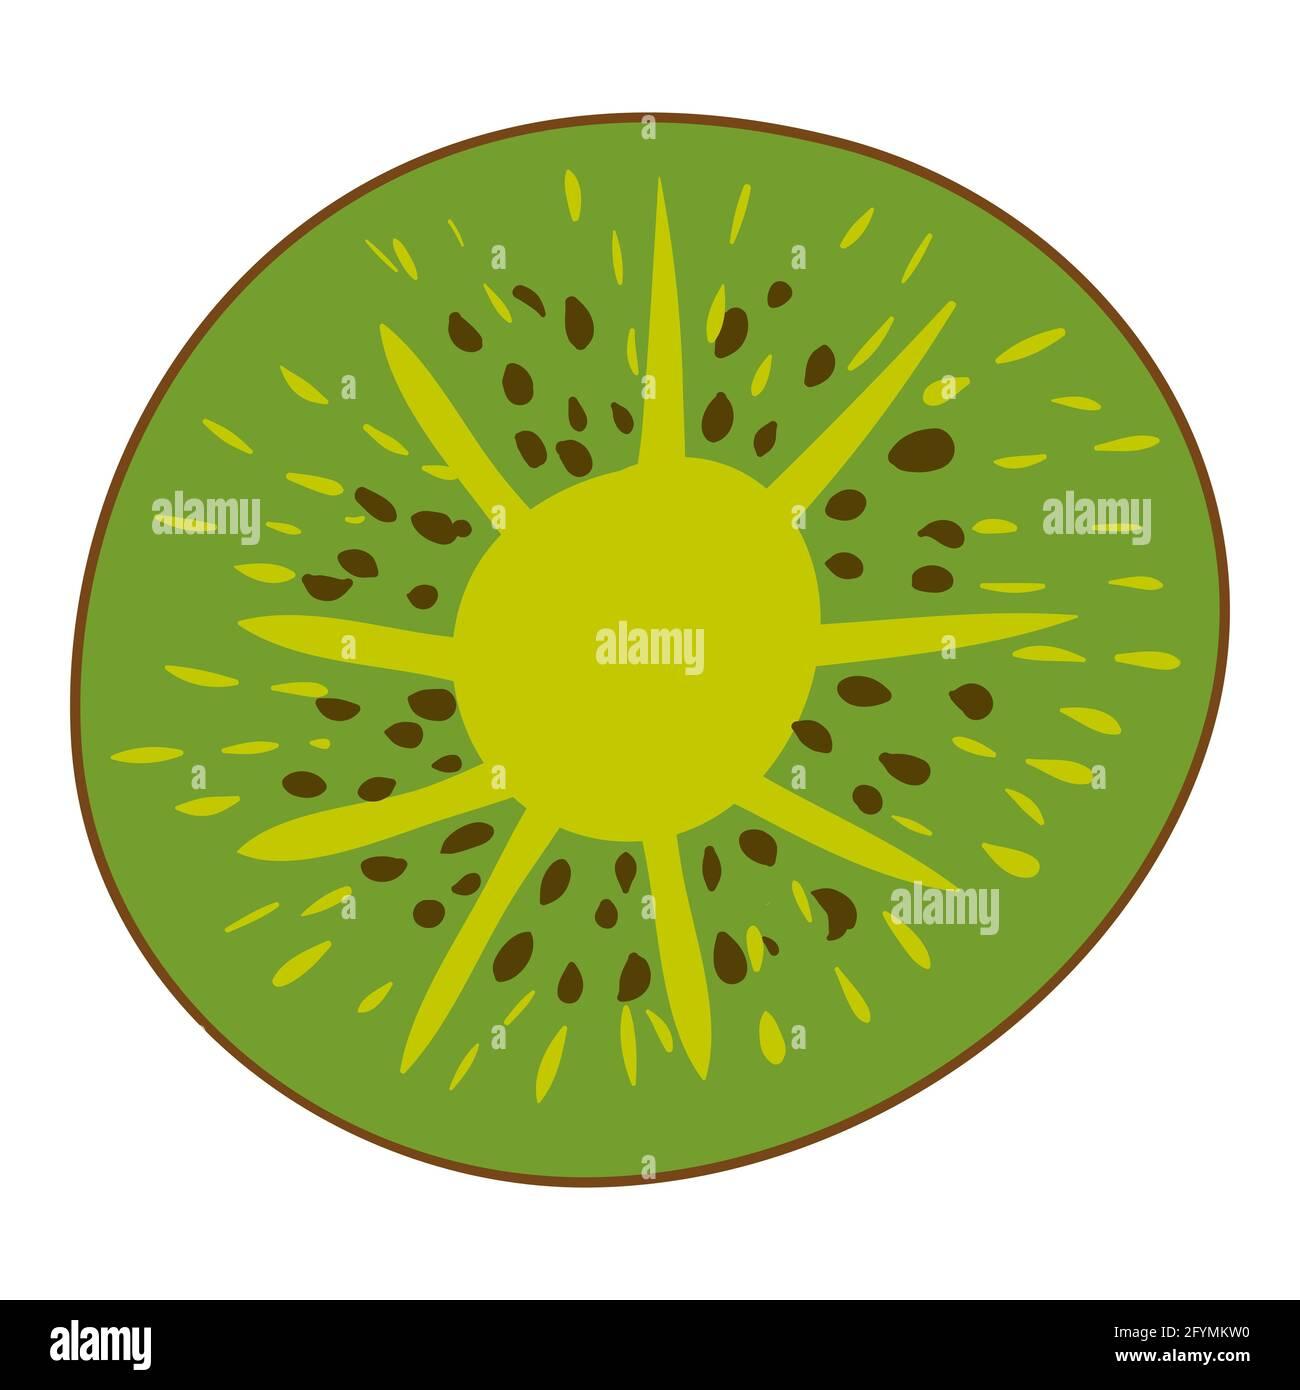 Tranche de kiwi, produit alimentaire naturel sain et biologique. Dessin animé plat à la main dessin à la main isolé Illustration de Vecteur